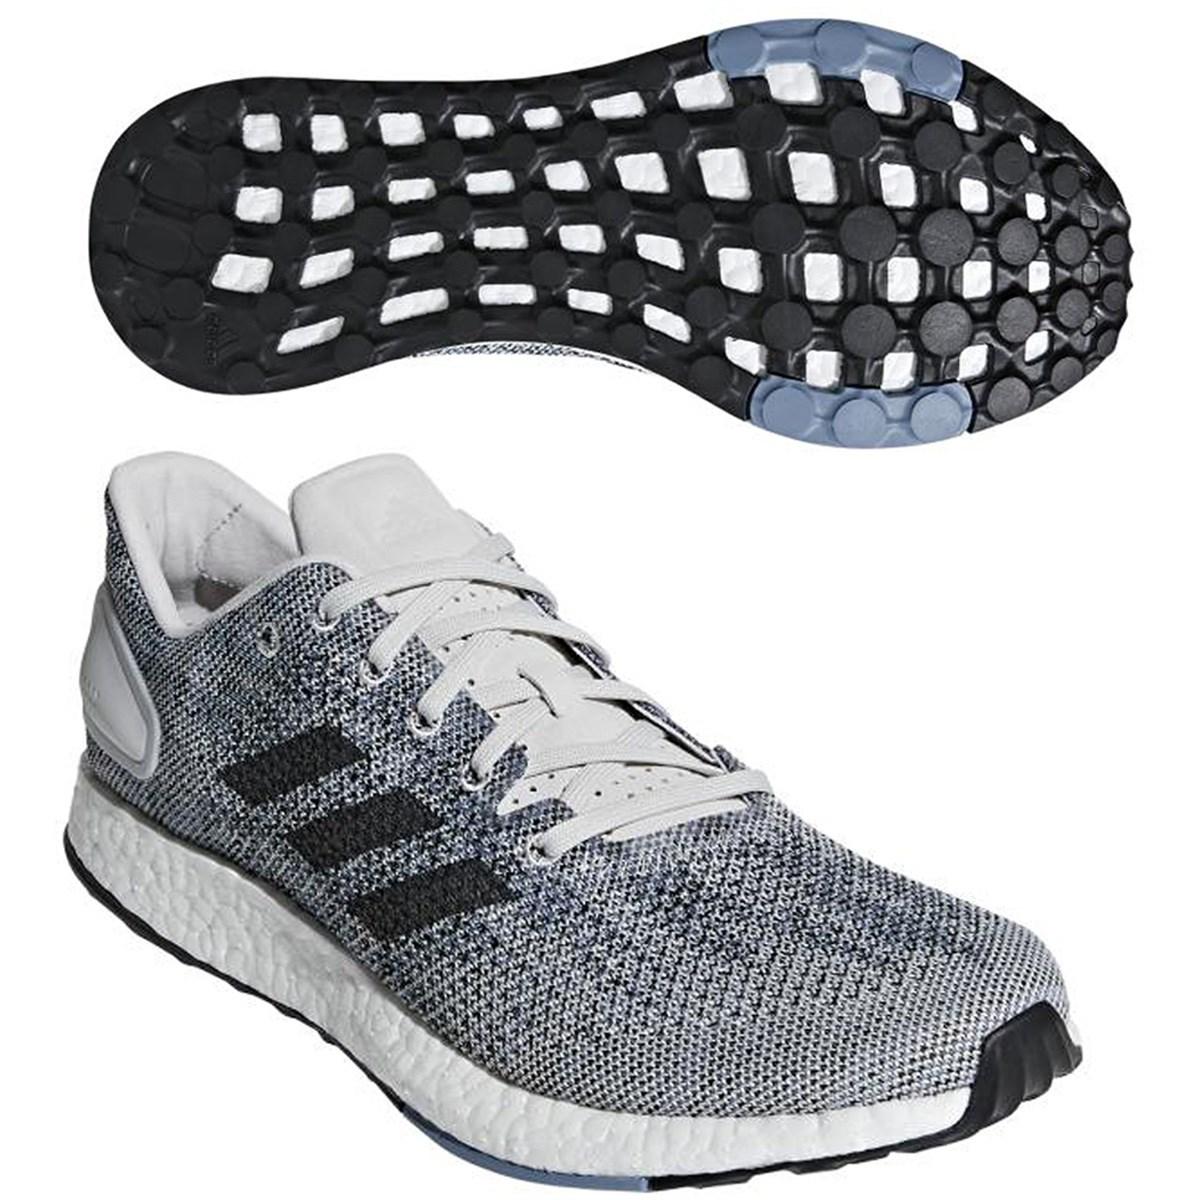 アディダス(adidas) PureBOOST DPR シューズ